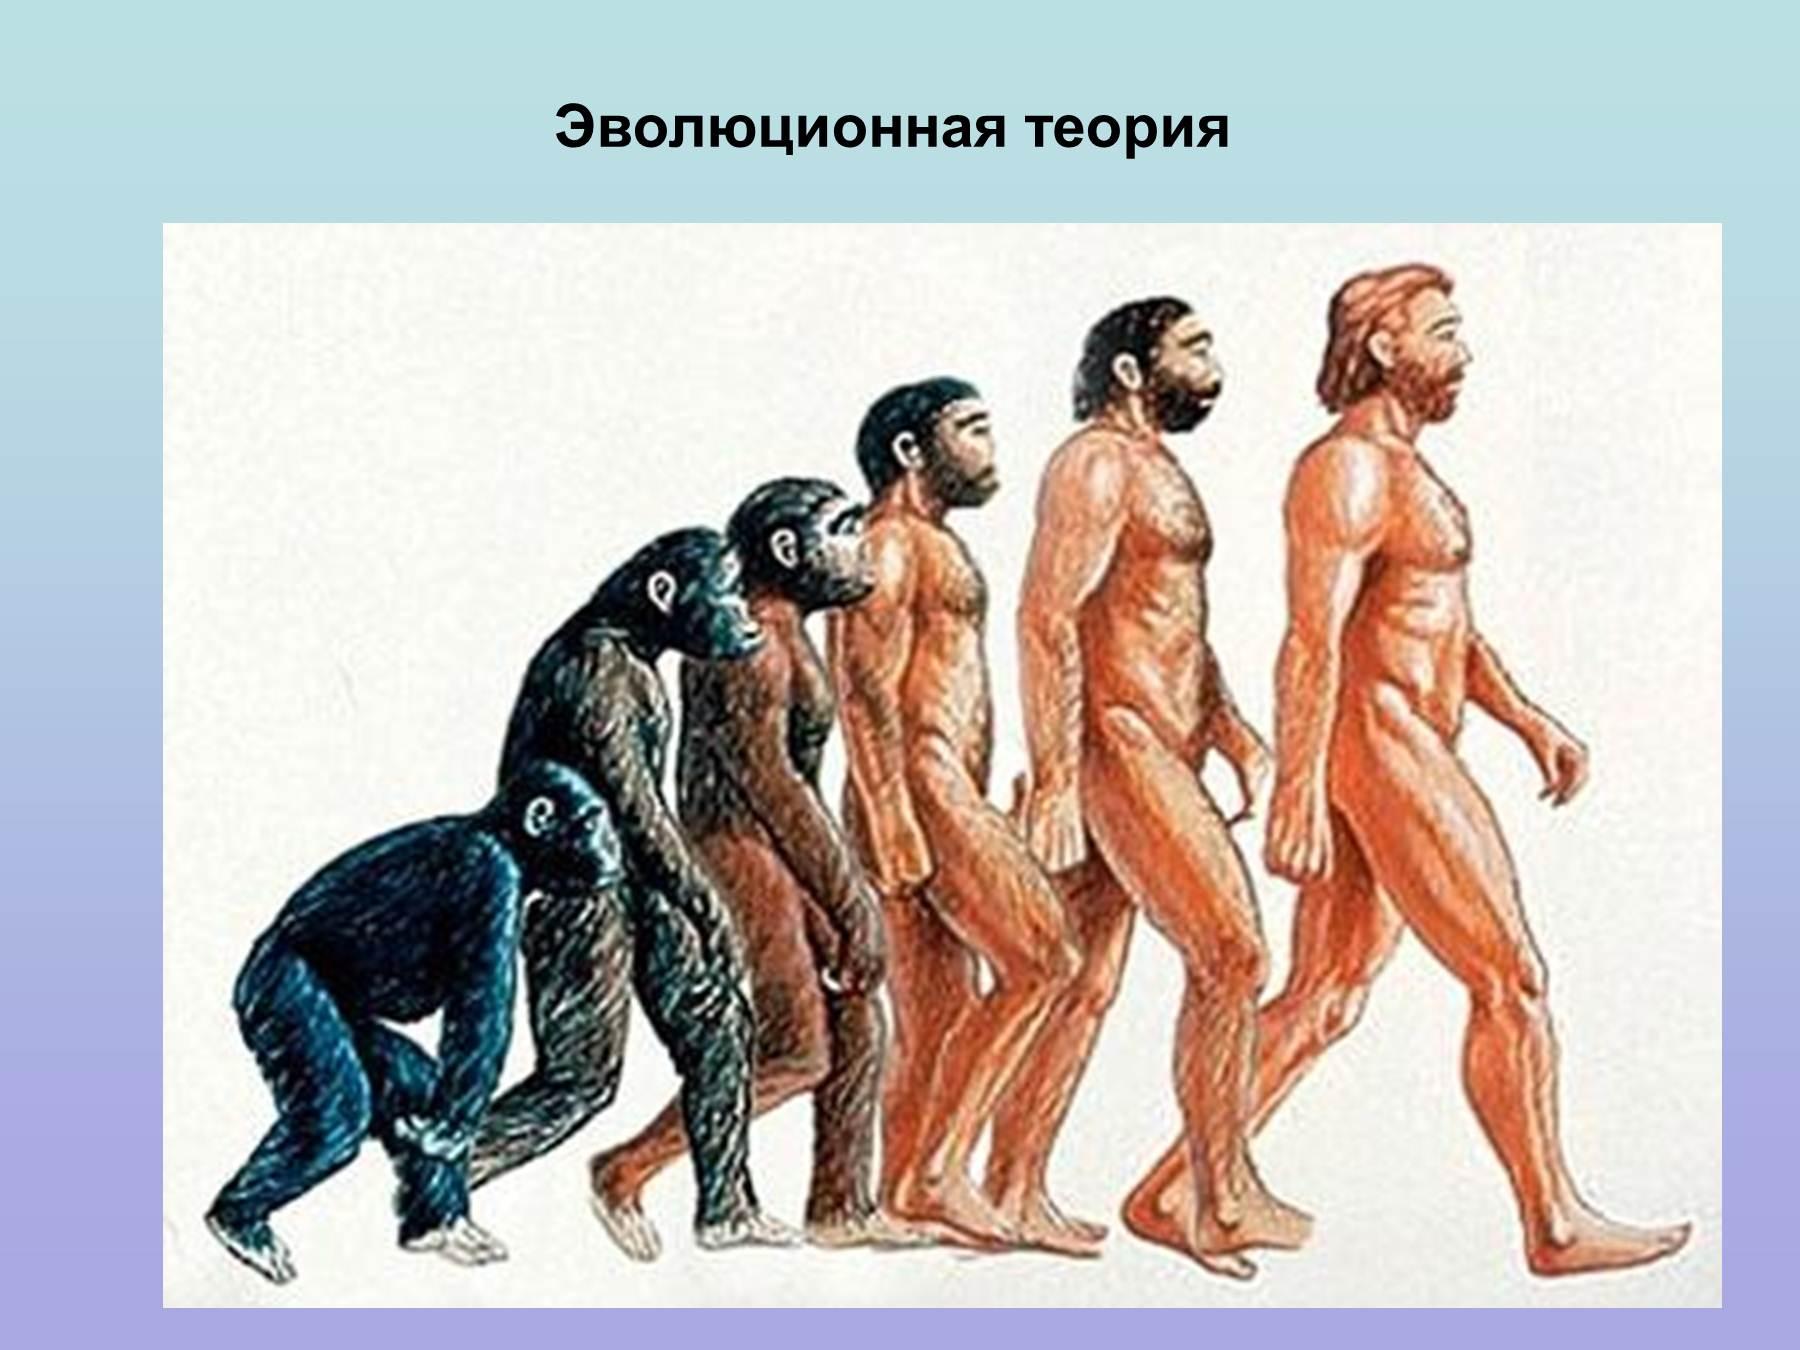 Рисунки подтверждающие инопланетную теорию происхождения человека 3